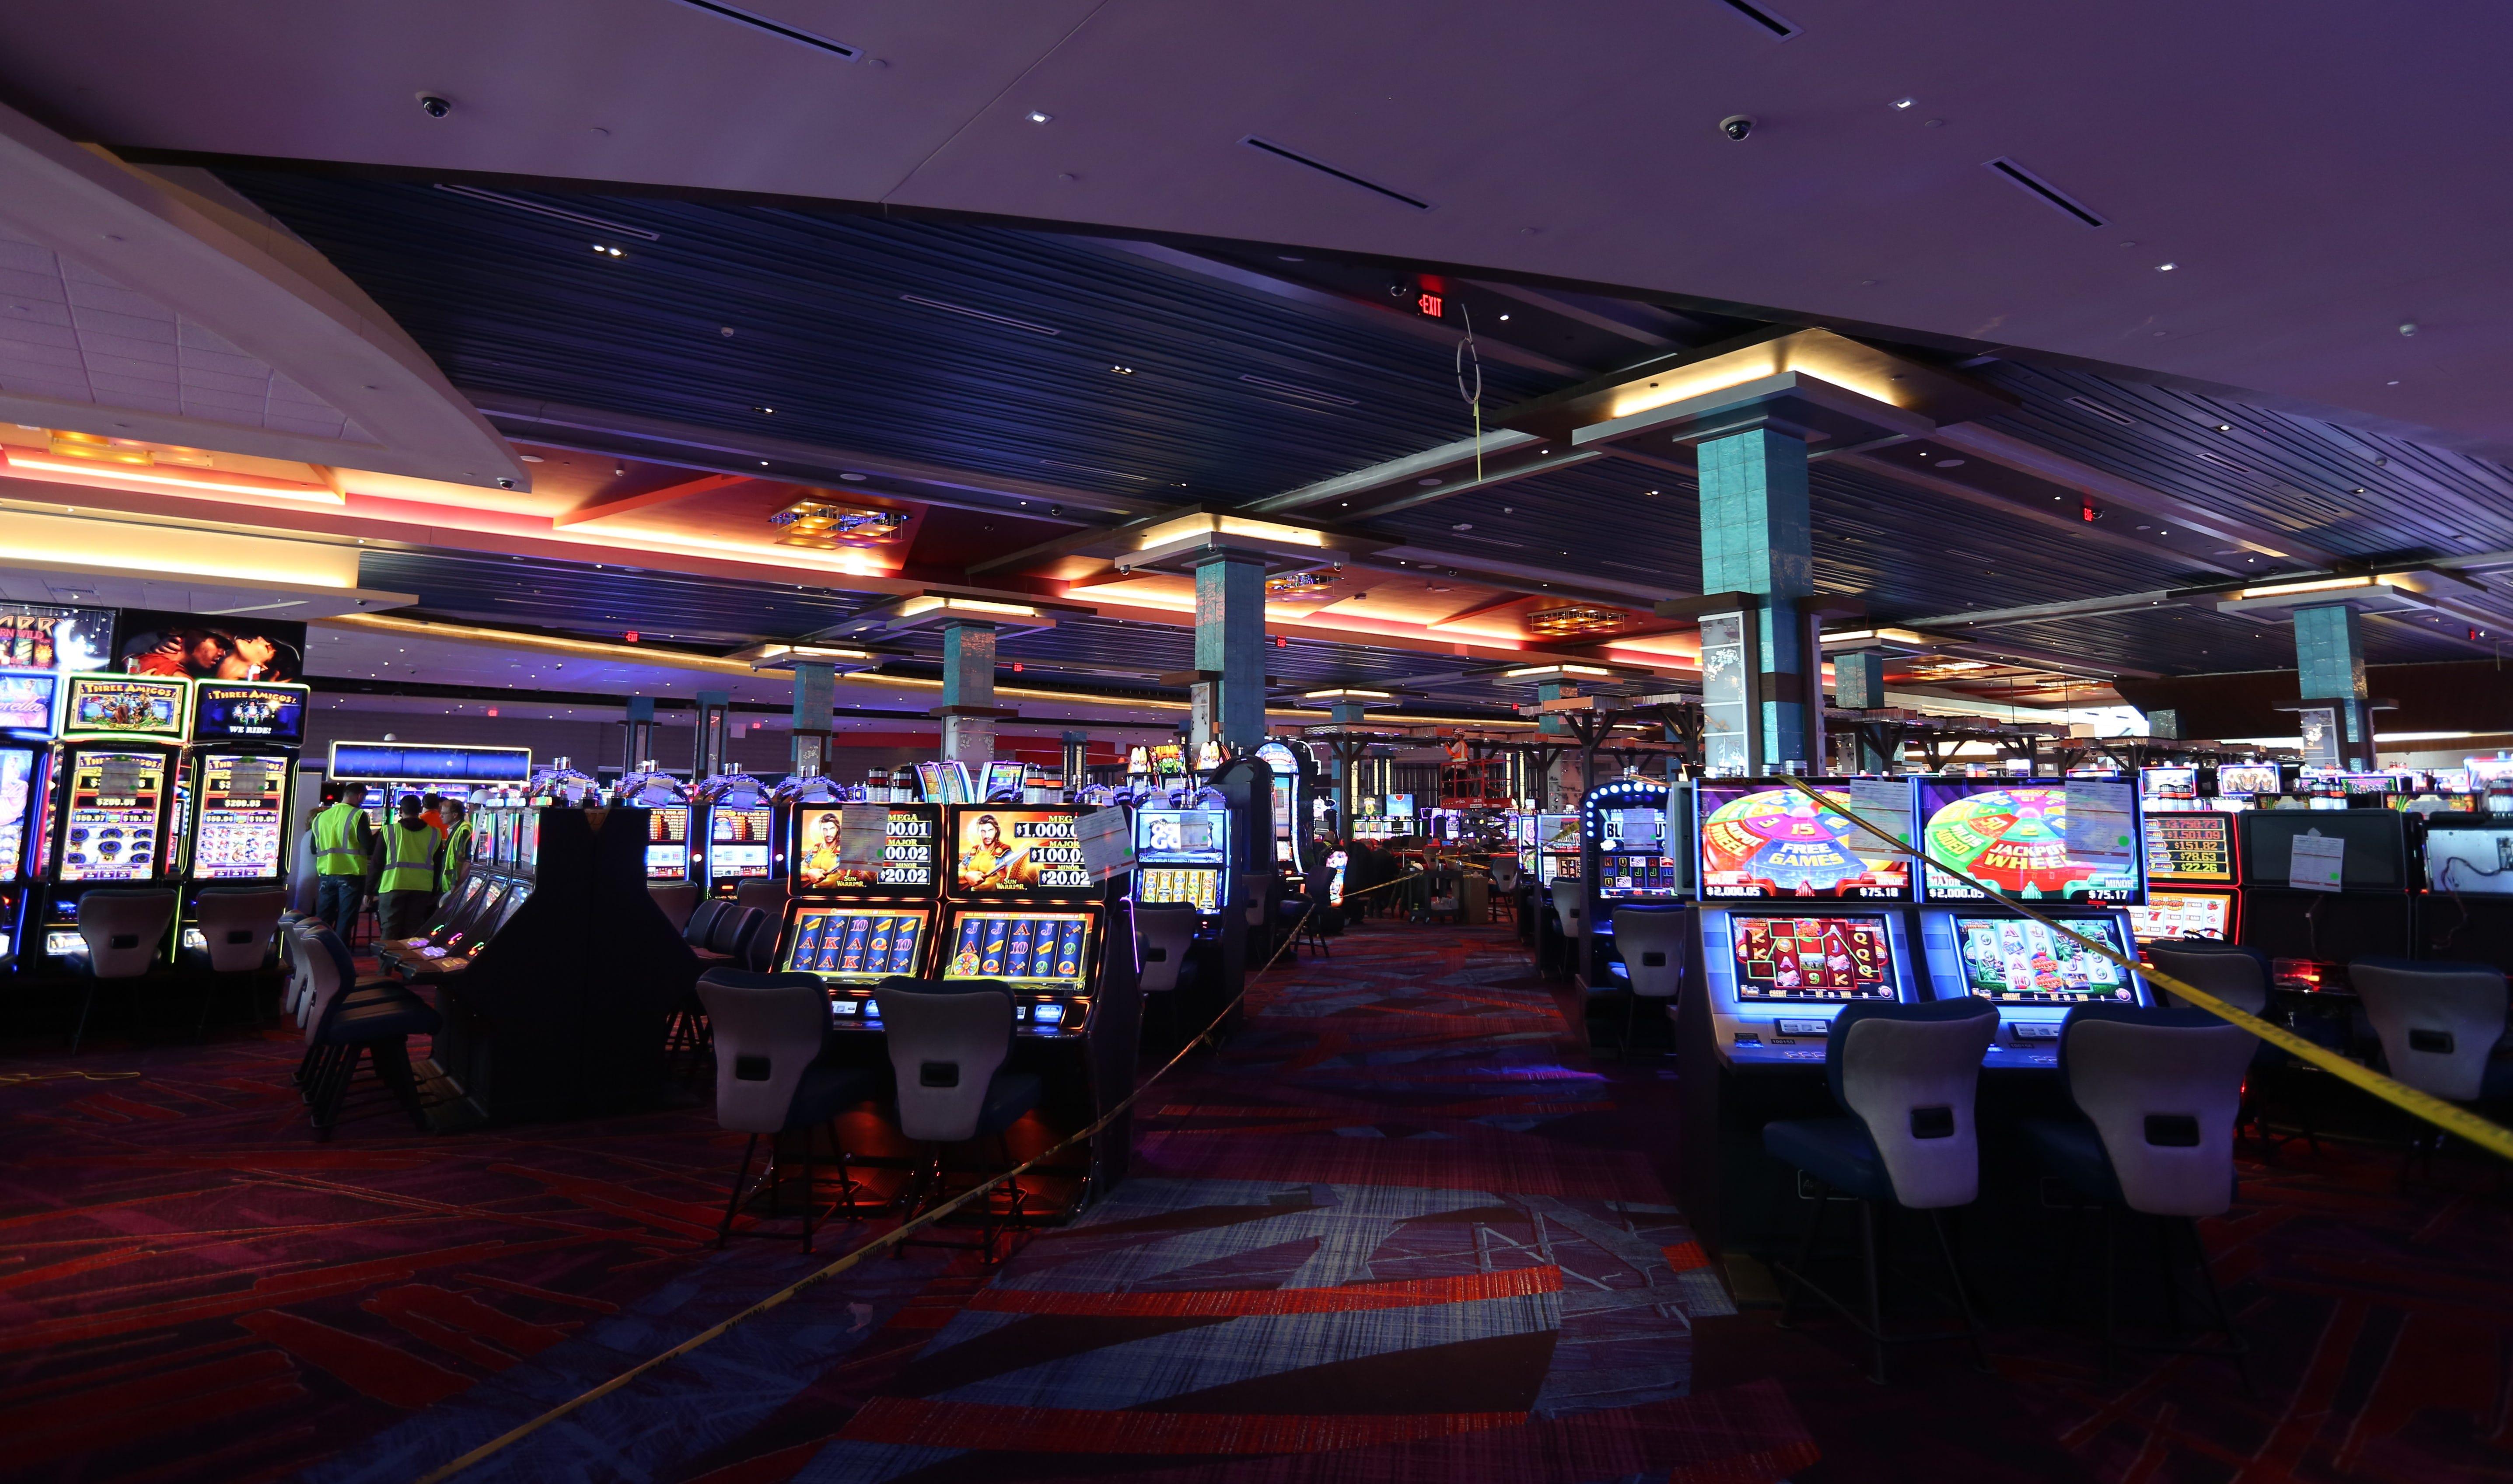 Maryland slot machine payout